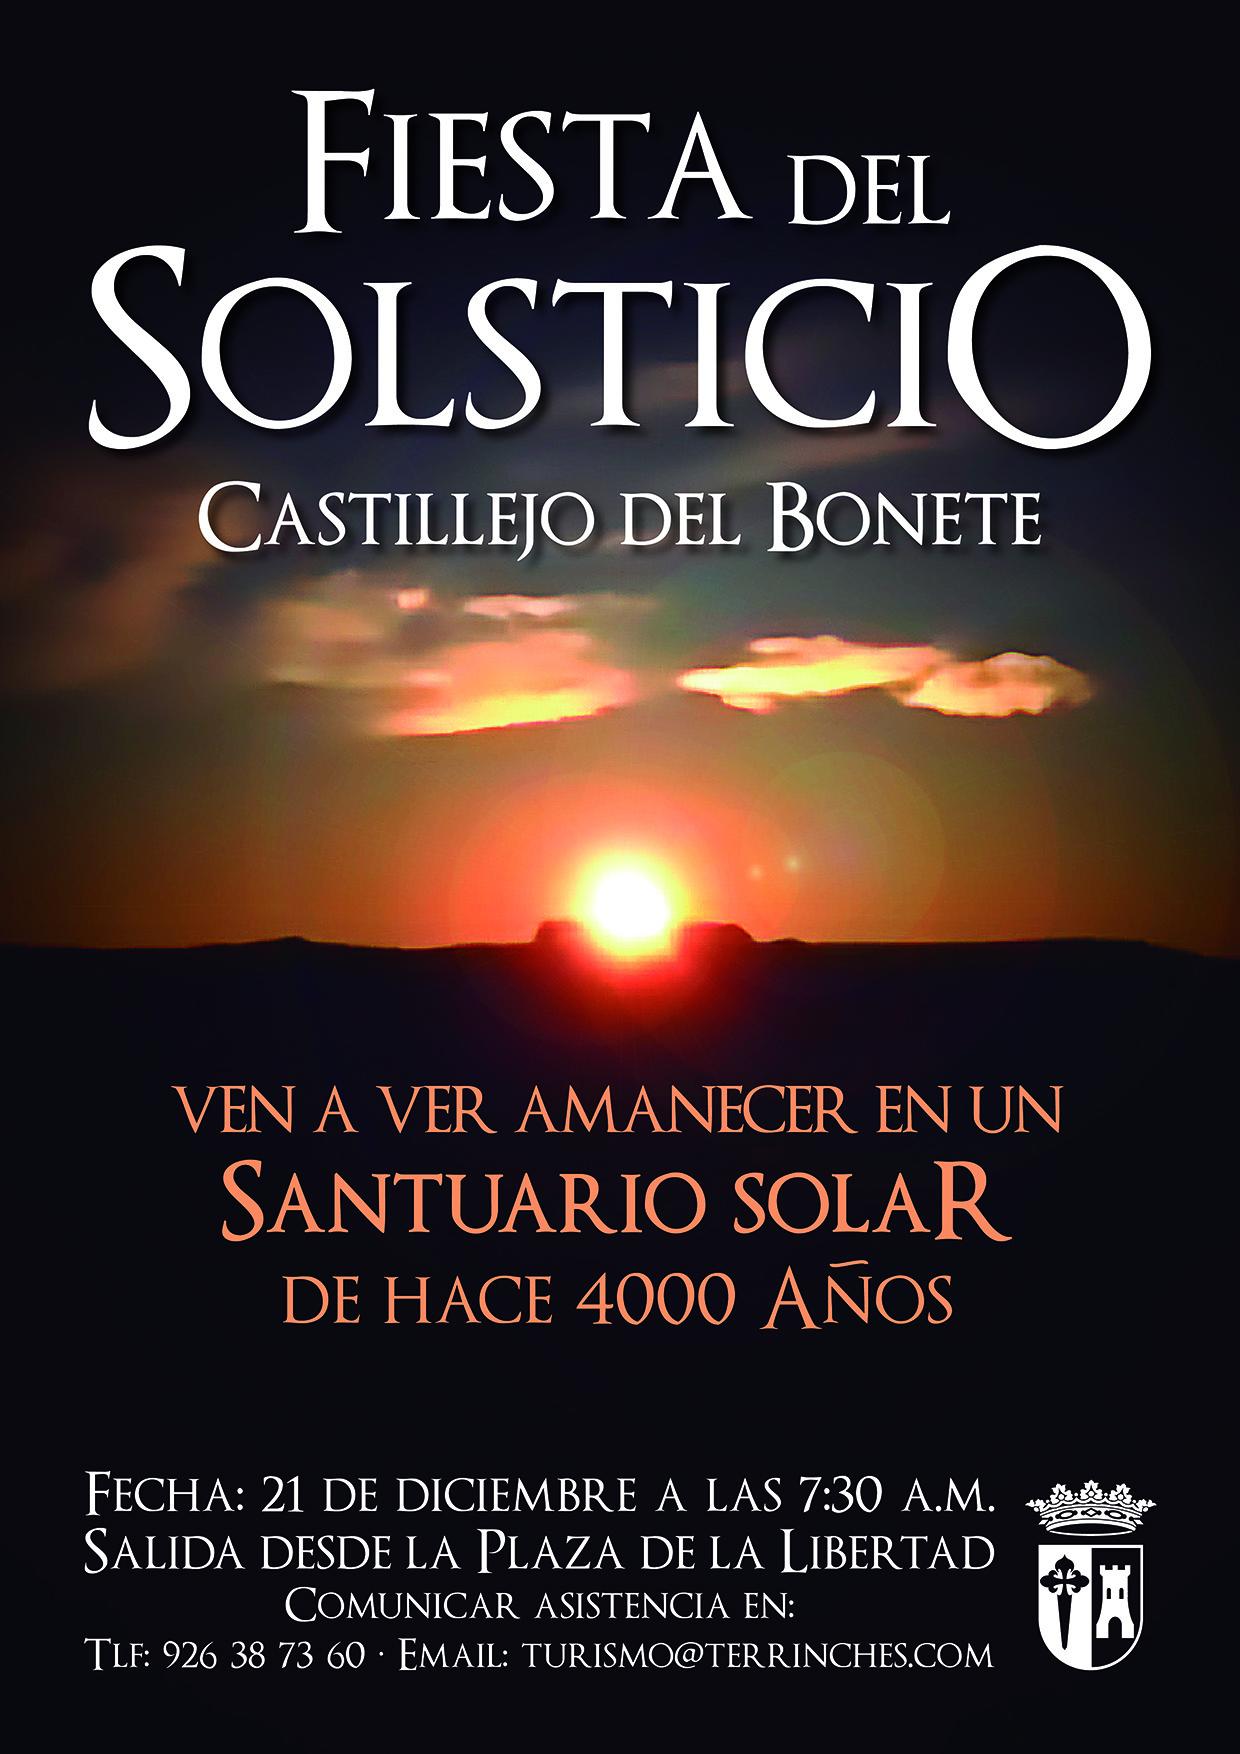 fiesta del solsticio